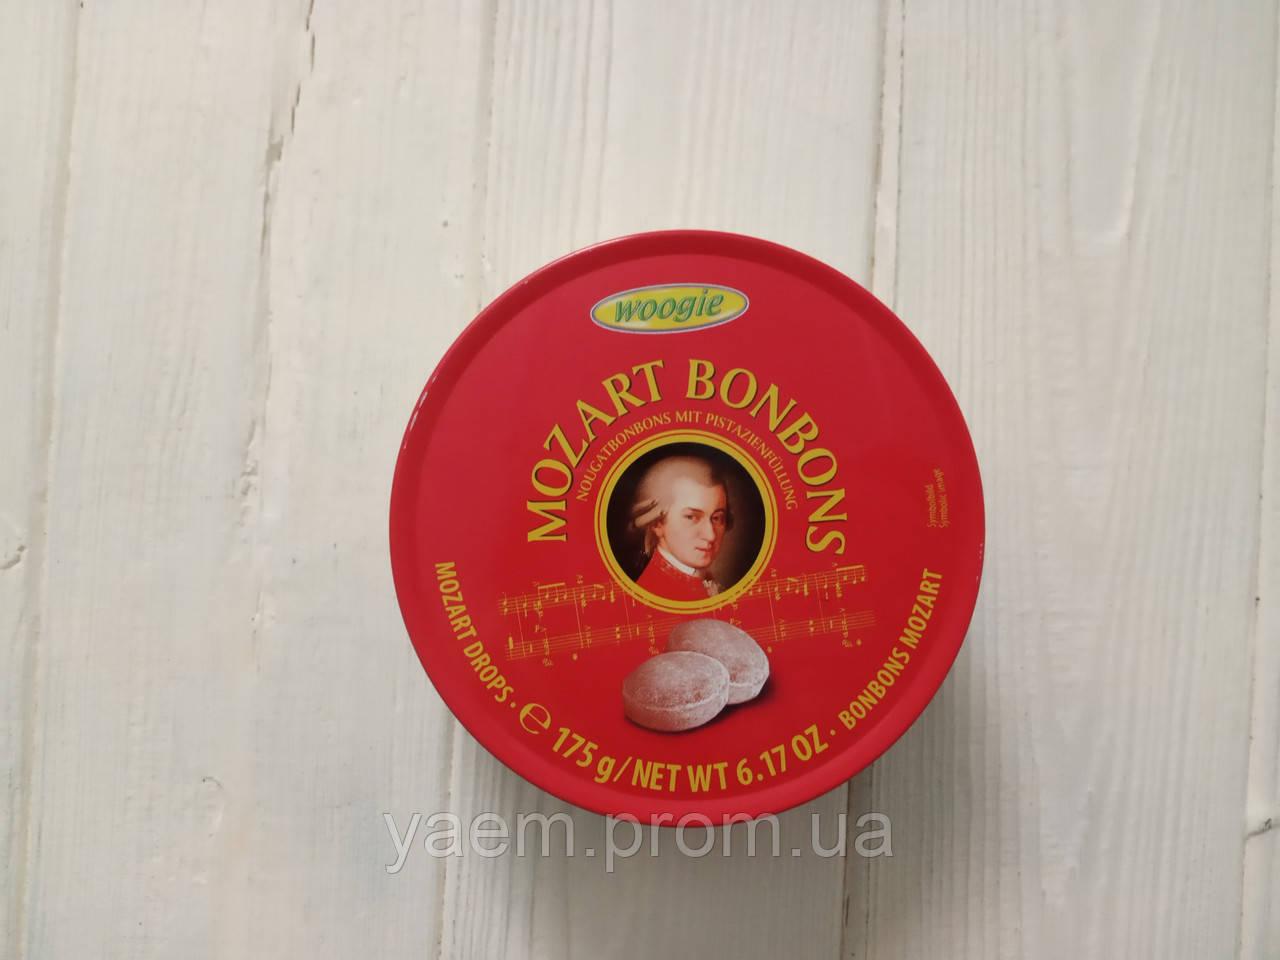 Леденцы Woogie Mozart Bonbons со вкусом нуги и фисташек 175 g